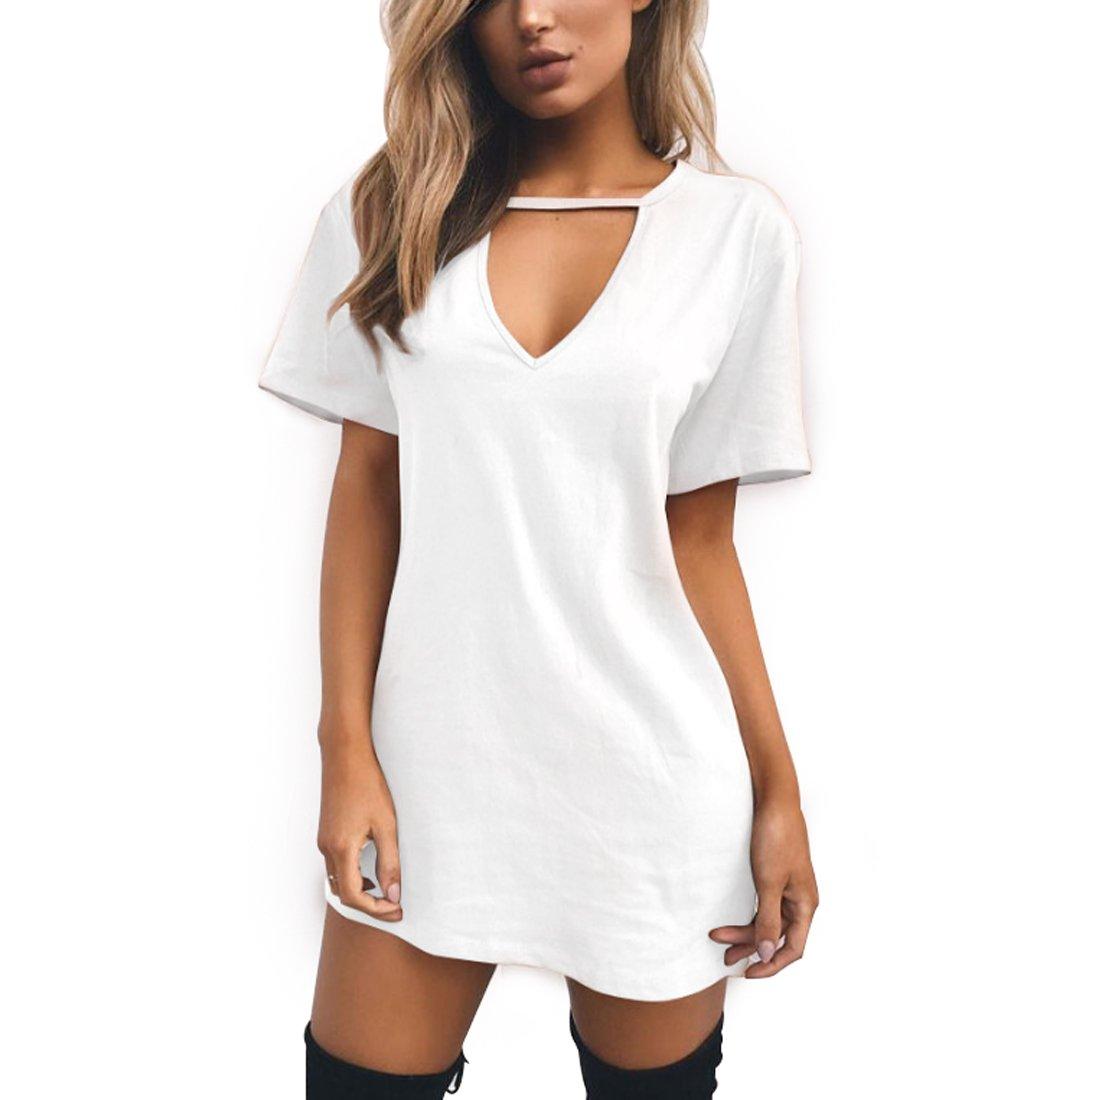 T-Shirt Lunga da Donna Inlefen Mini Abito da Donna V Profonda Manica Corta Girocollo Top da Abito